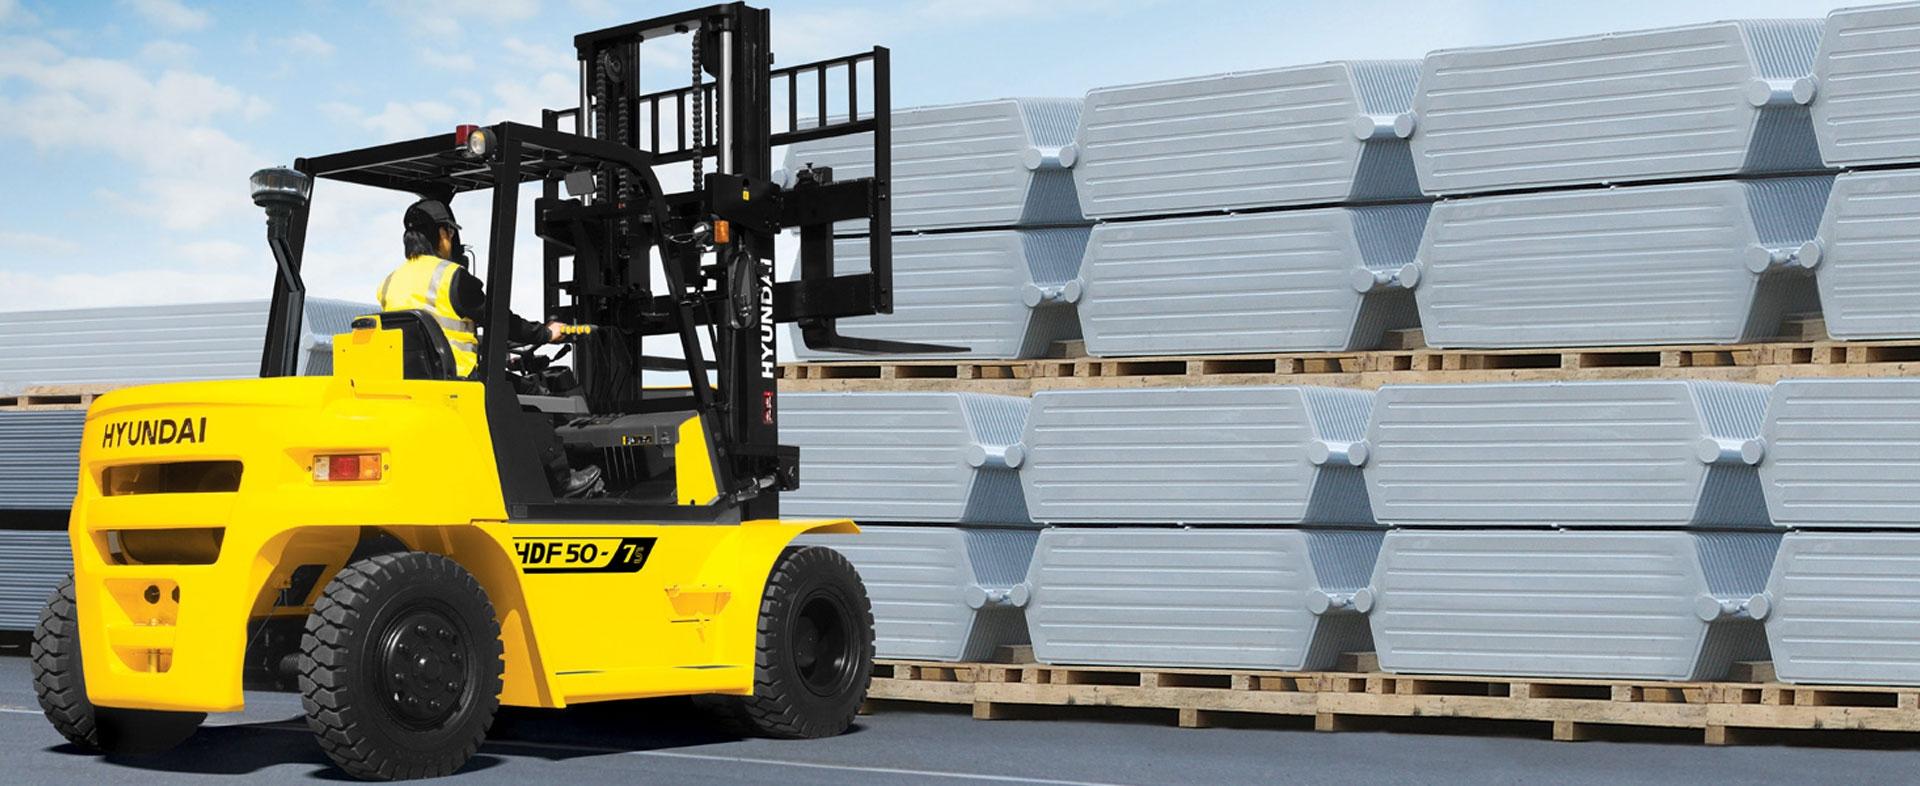 Halbro Forklifts Limited (@hyundaiforkliftsnz) Cover Image